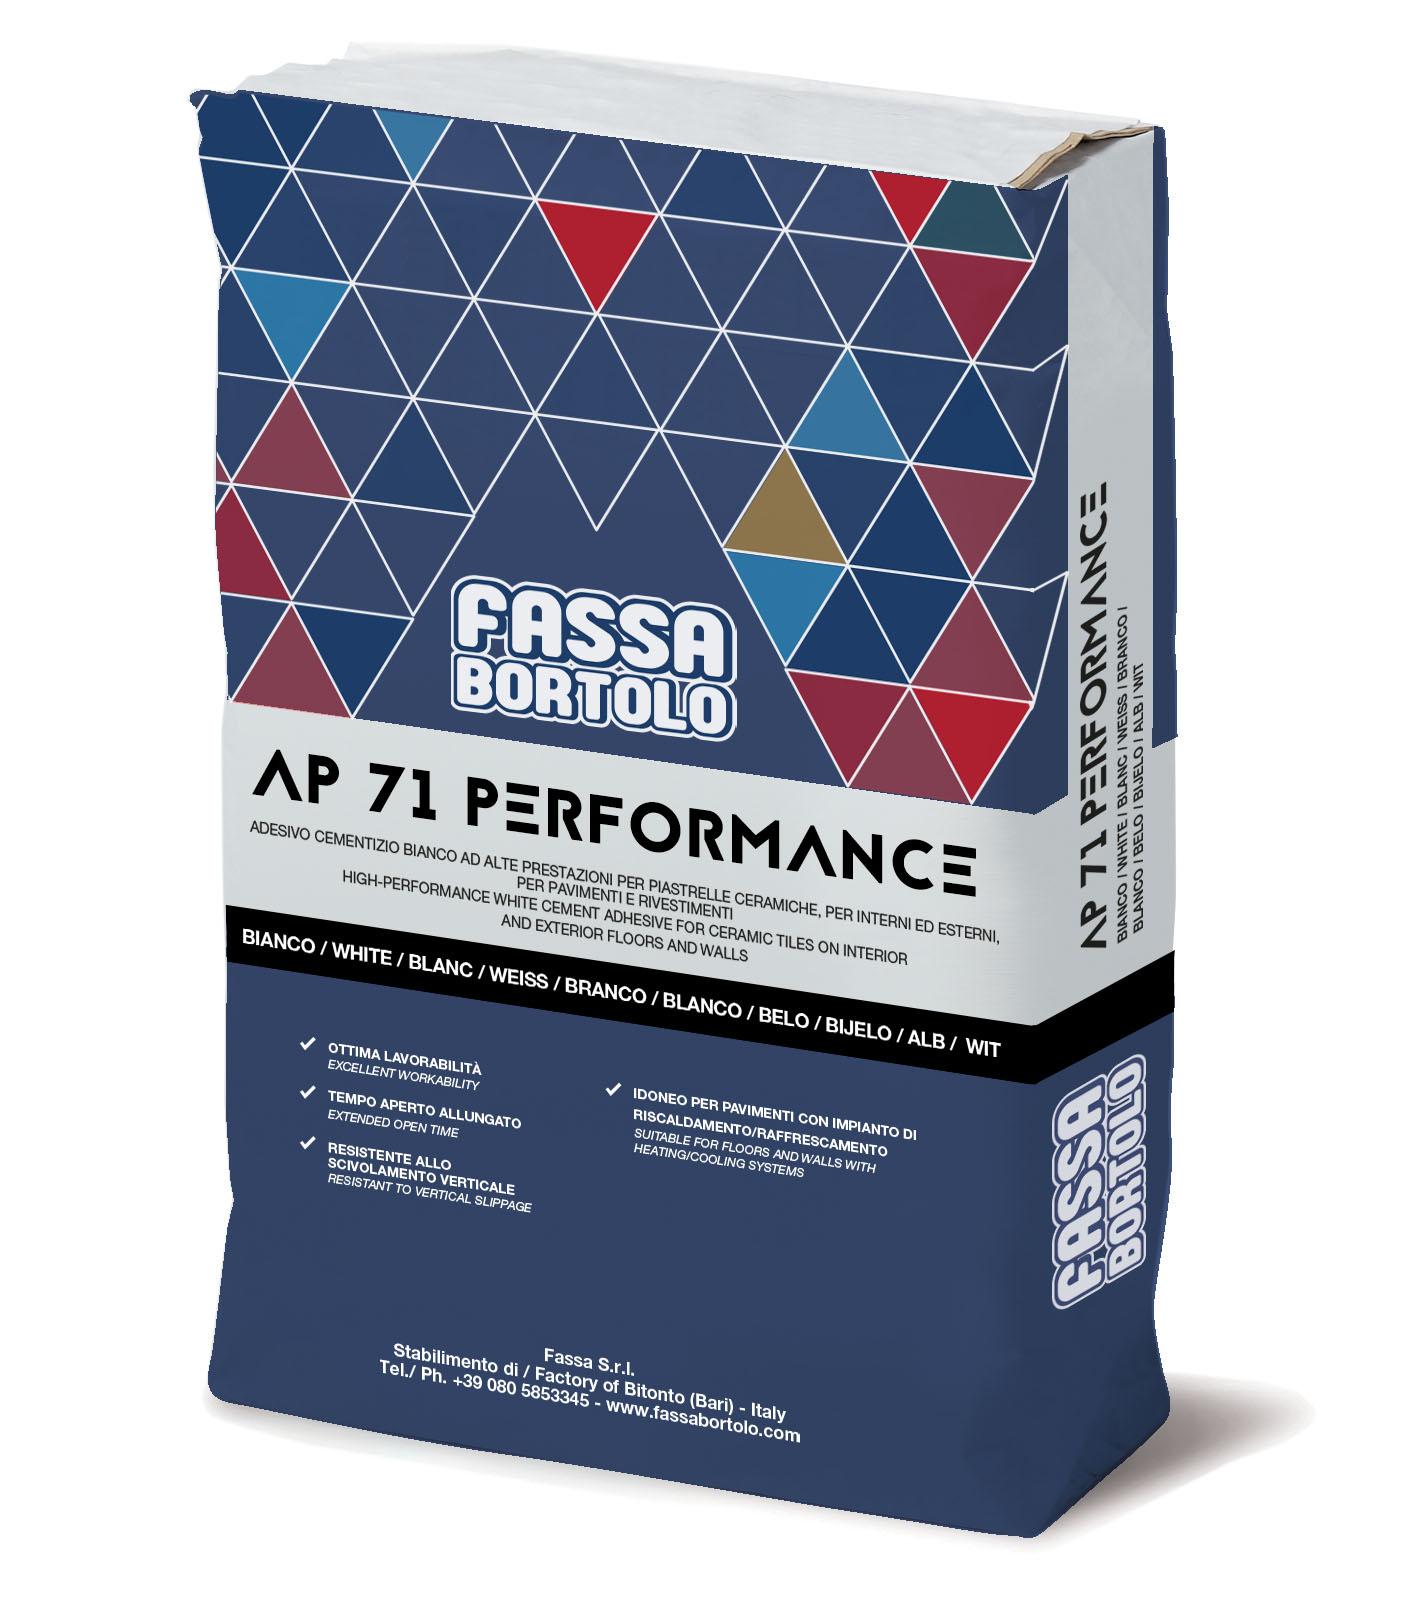 AP 71 PERFORMANCE: Adesivo monocomponente a base cementizia, bianco e grigio, antiscivolo ed a tempo aperto allungato, per pavimenti e rivestimenti sia in esterno che interno